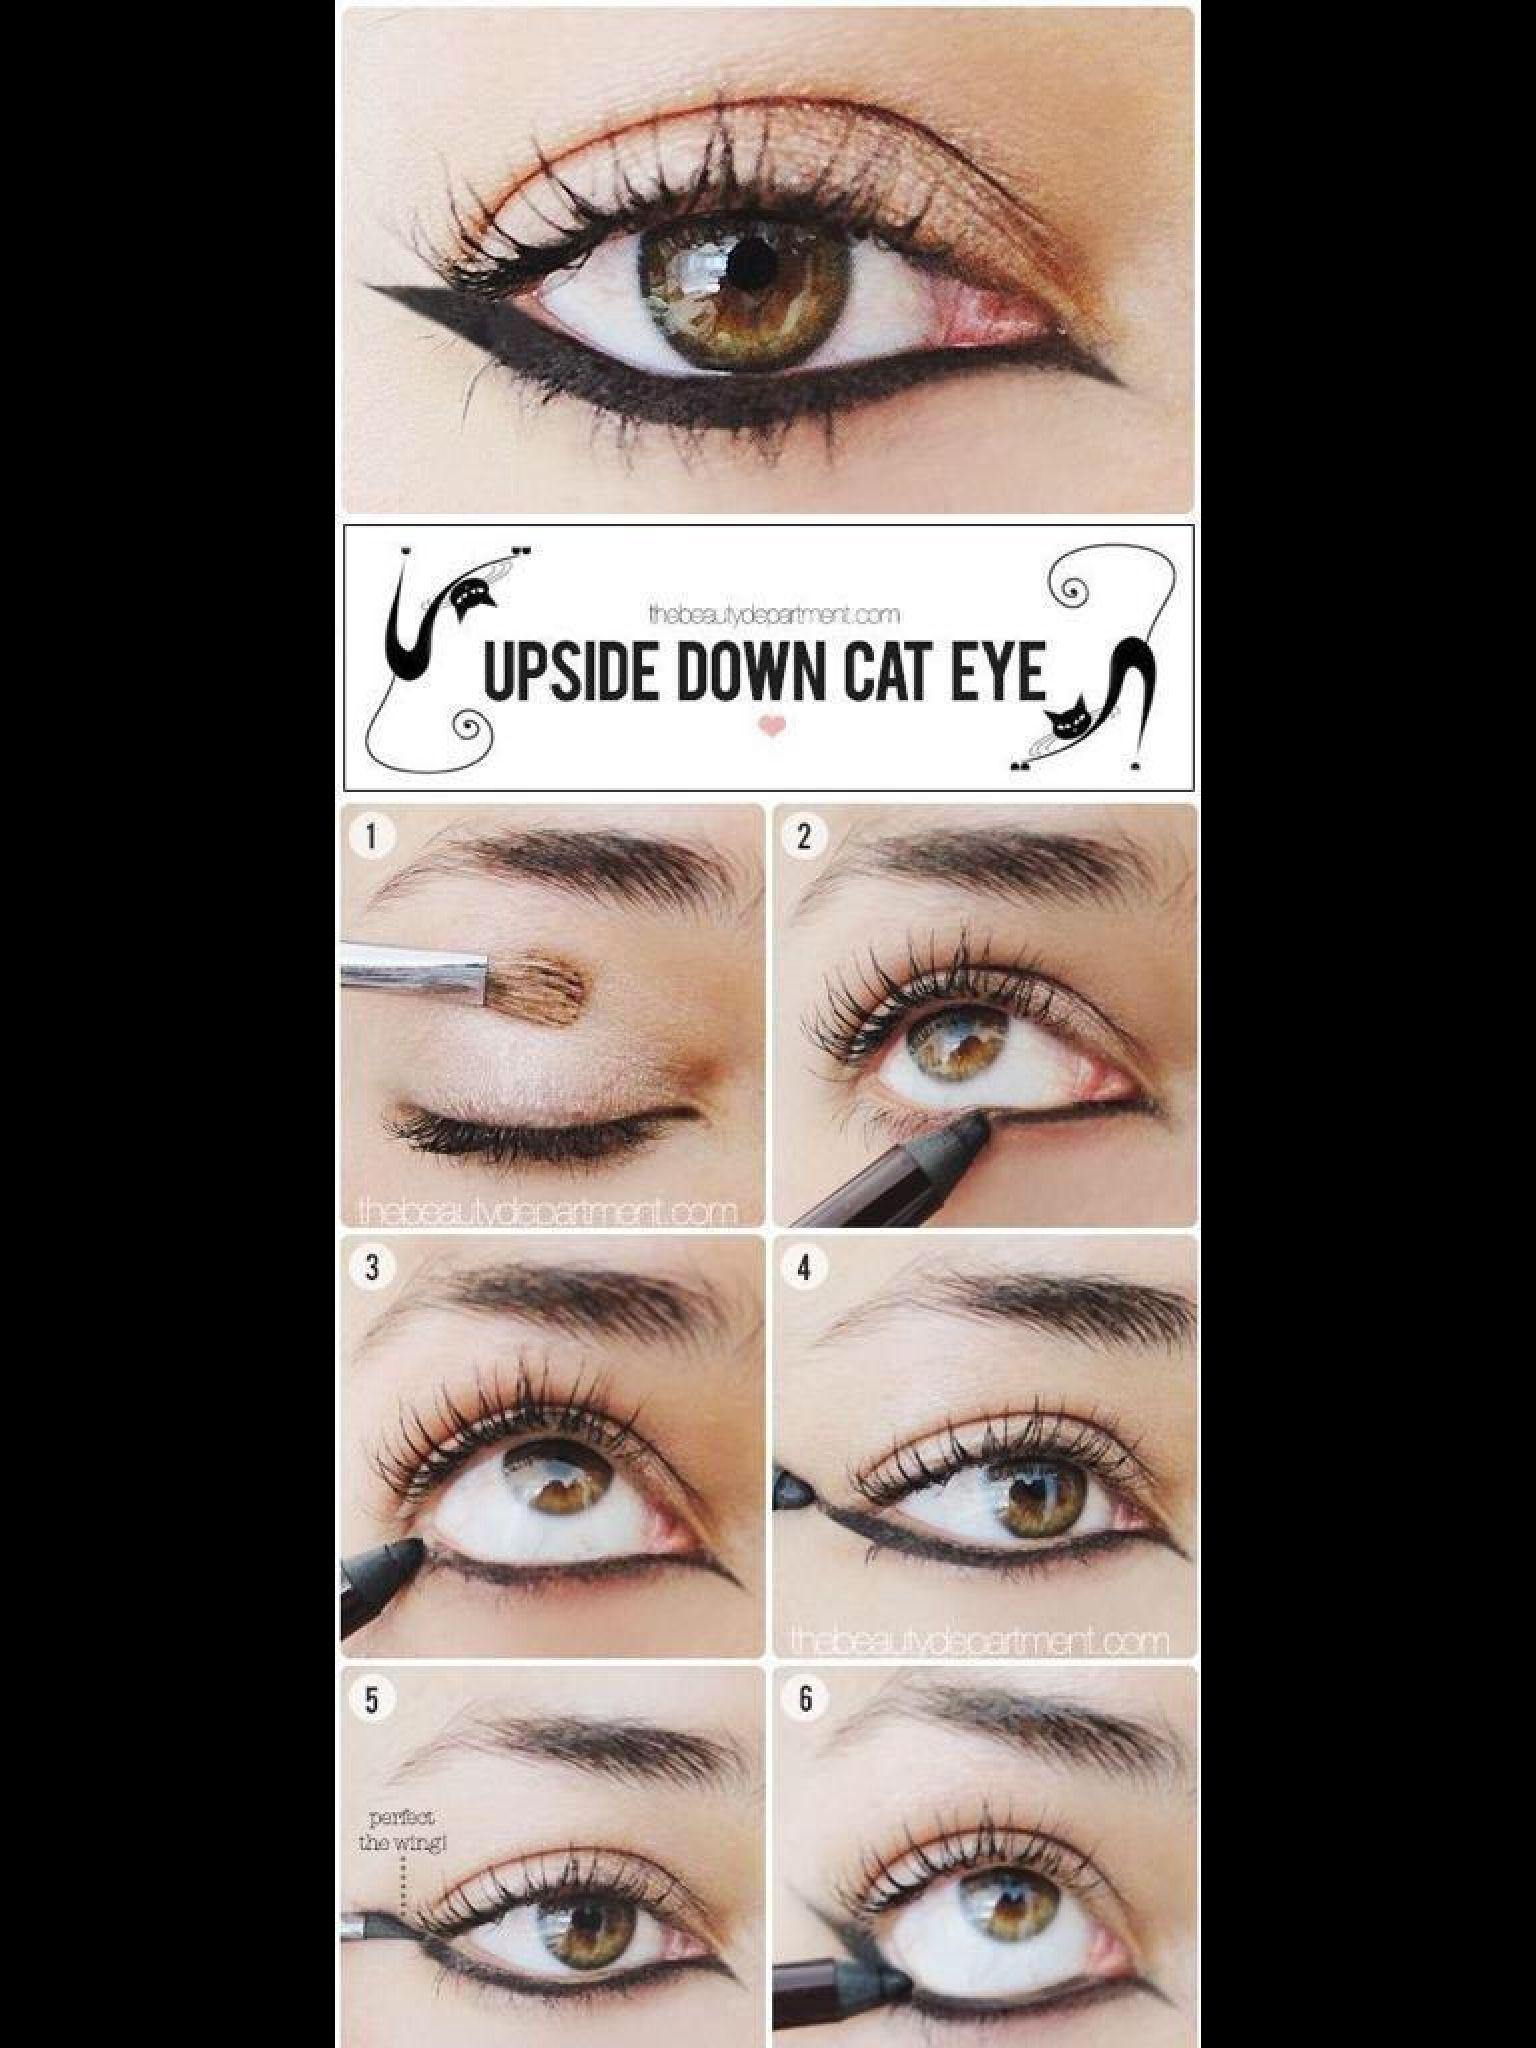 Love it! Reversed cat eye!